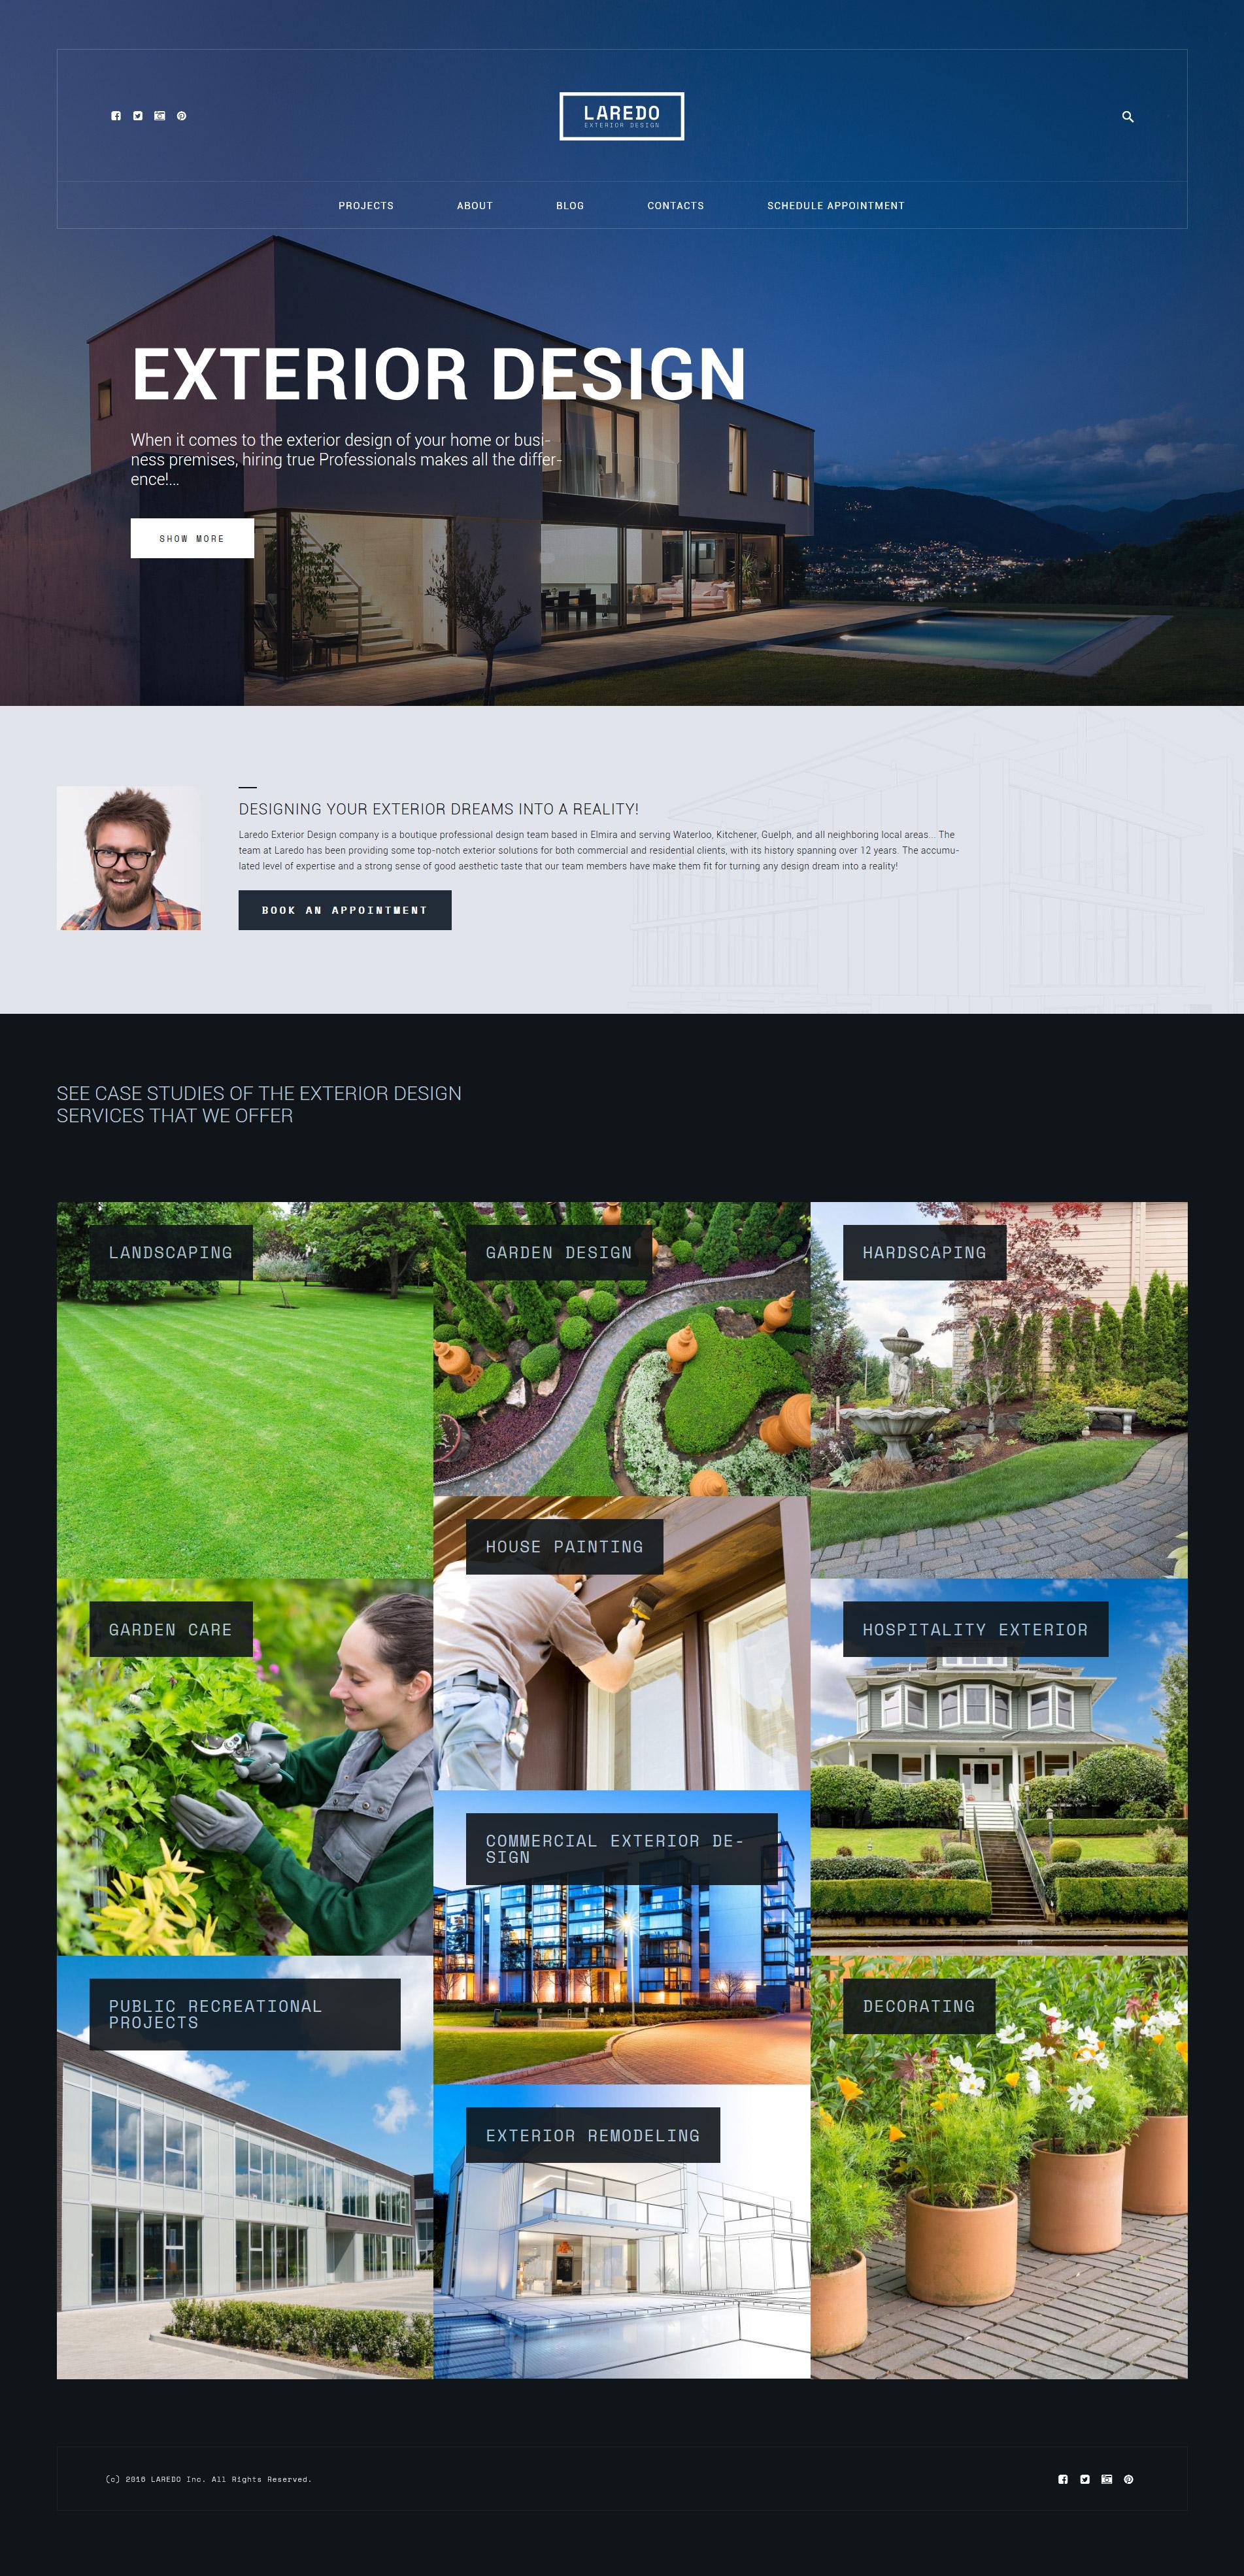 Шаблон Laredo для сайта о дизайне экстерьера #59023